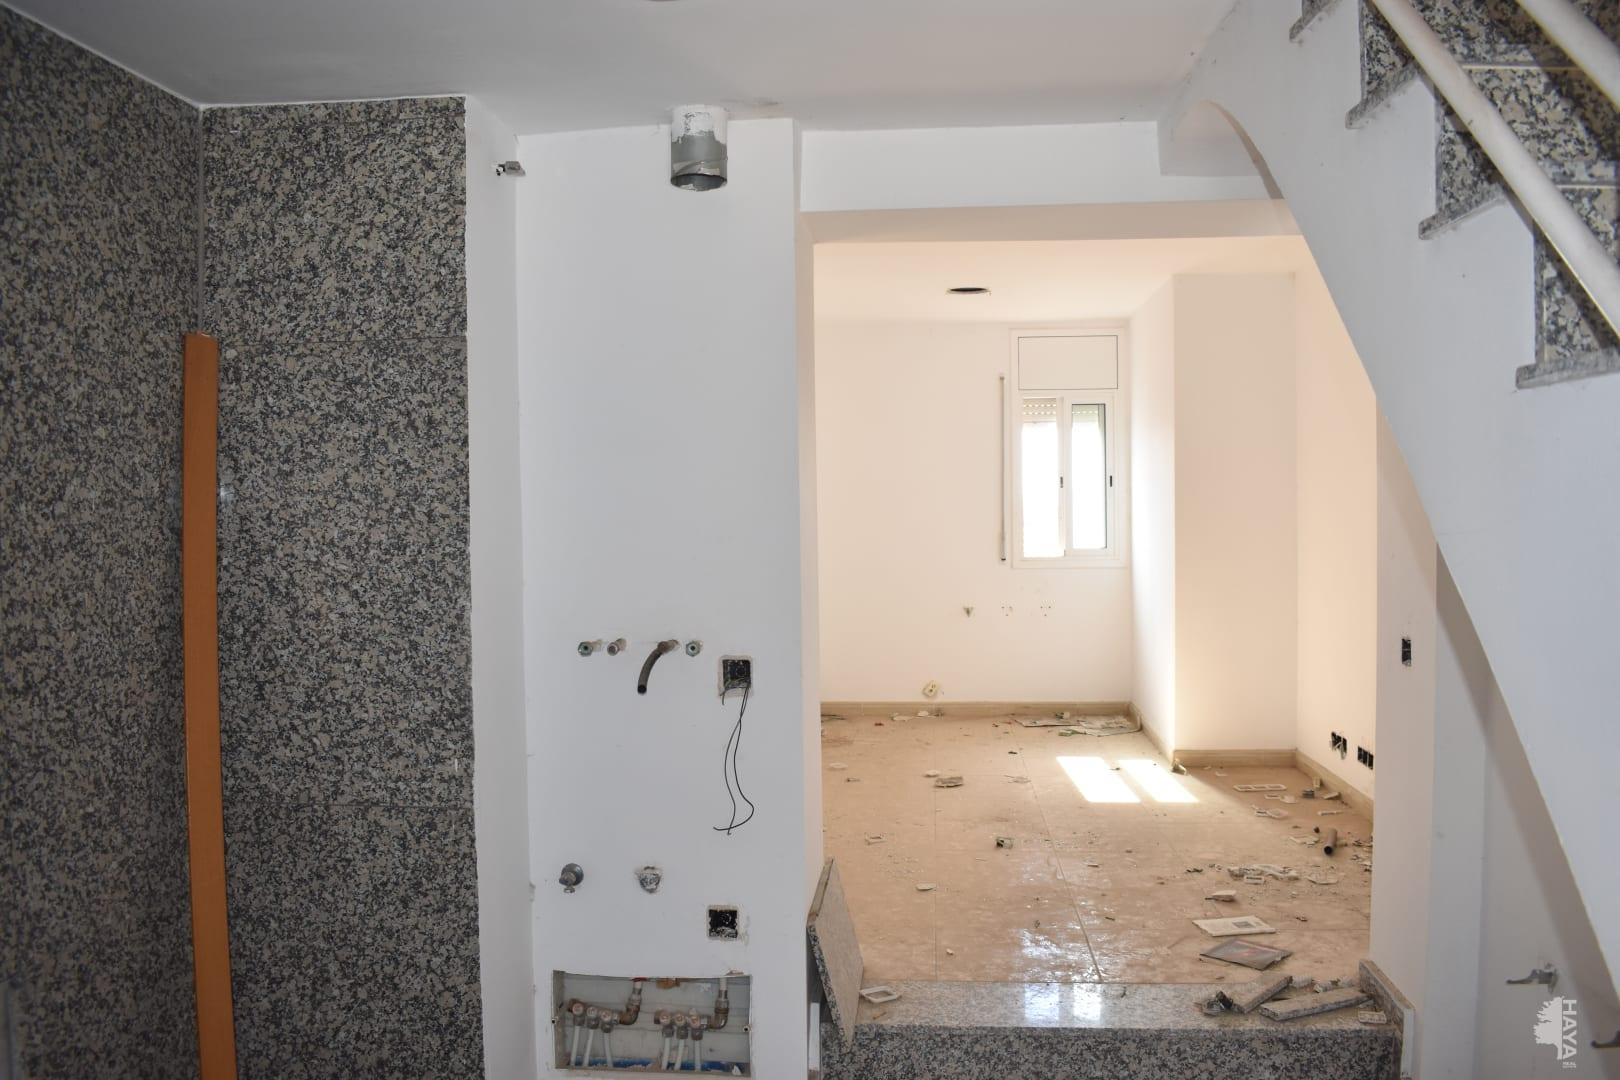 Piso en venta en Torroella de Montgrí, Girona, Calle Mar, 105.000 €, 3 habitaciones, 1 baño, 93 m2